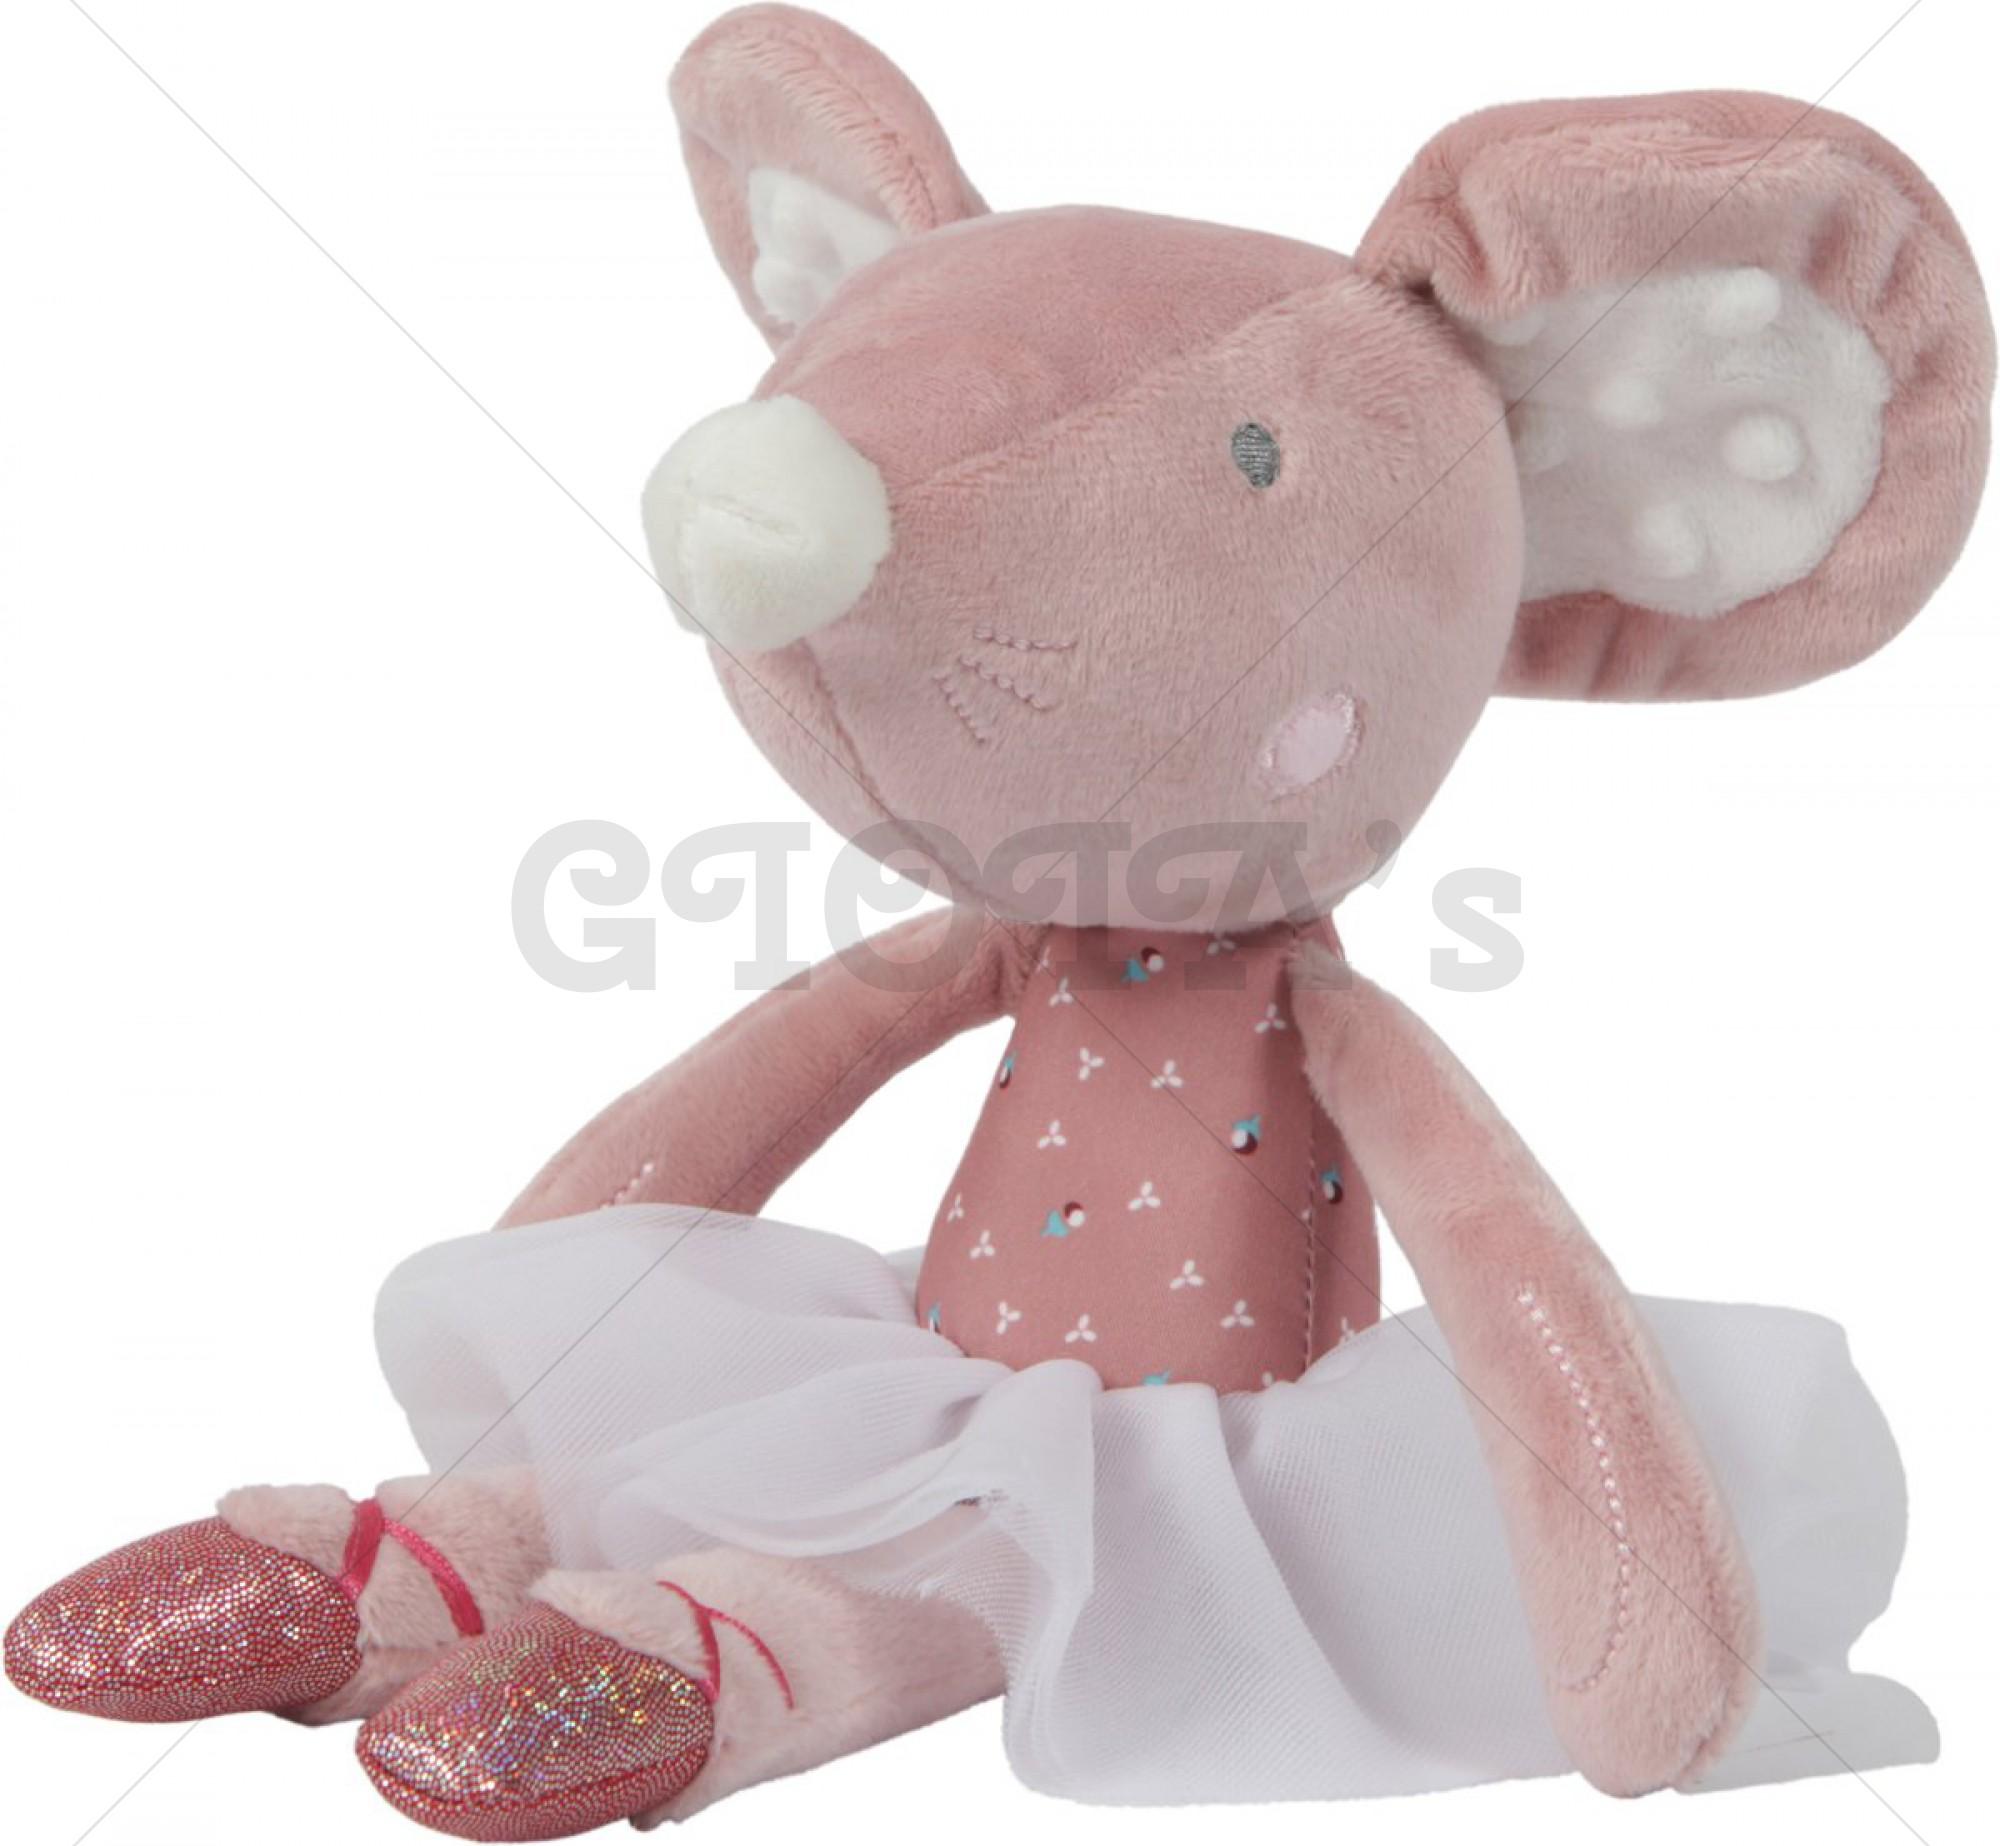 Tiamo Pluche Ballet muis 27cm Roze